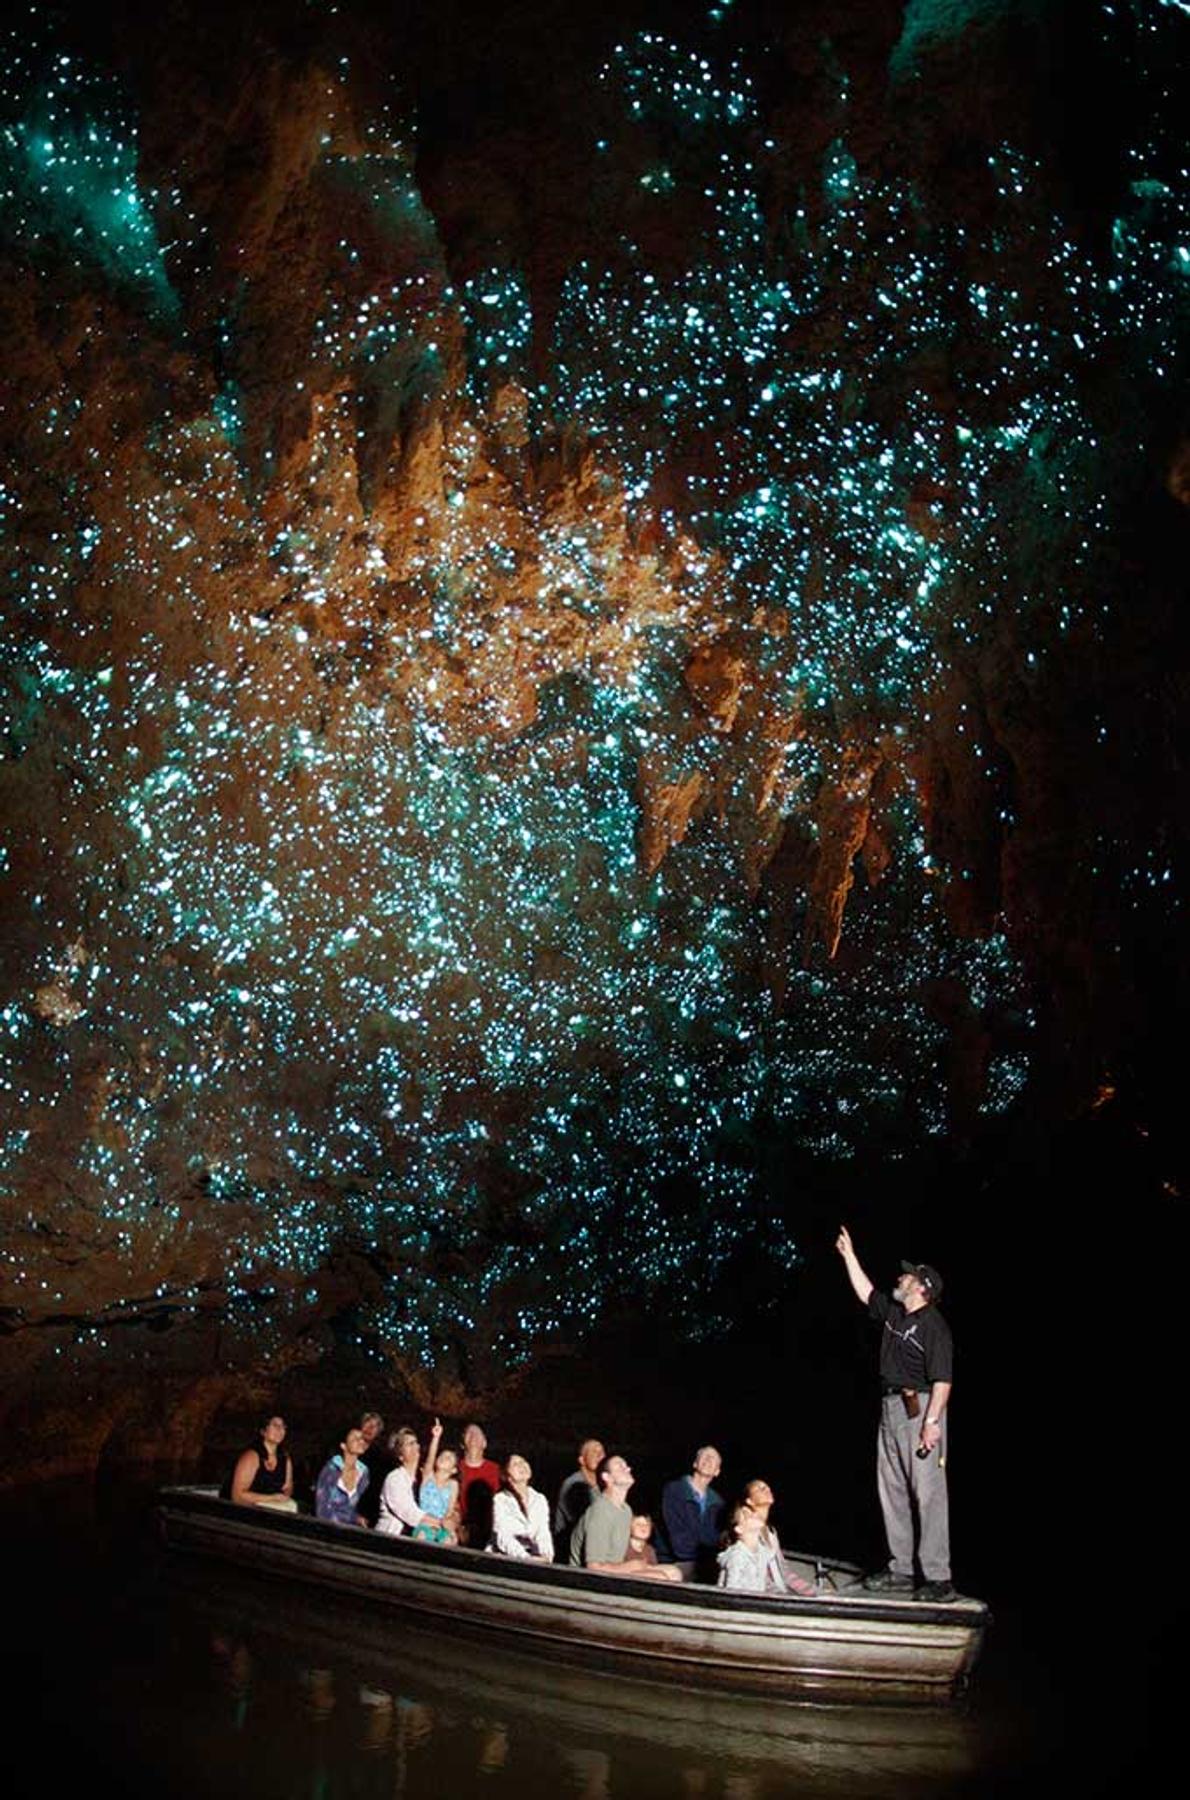 В Новой Зеландии удивительные места не заканчиваются никогда. Пещеры Вайтомо привлекают туристов светлячками, похожими на звездное небо.